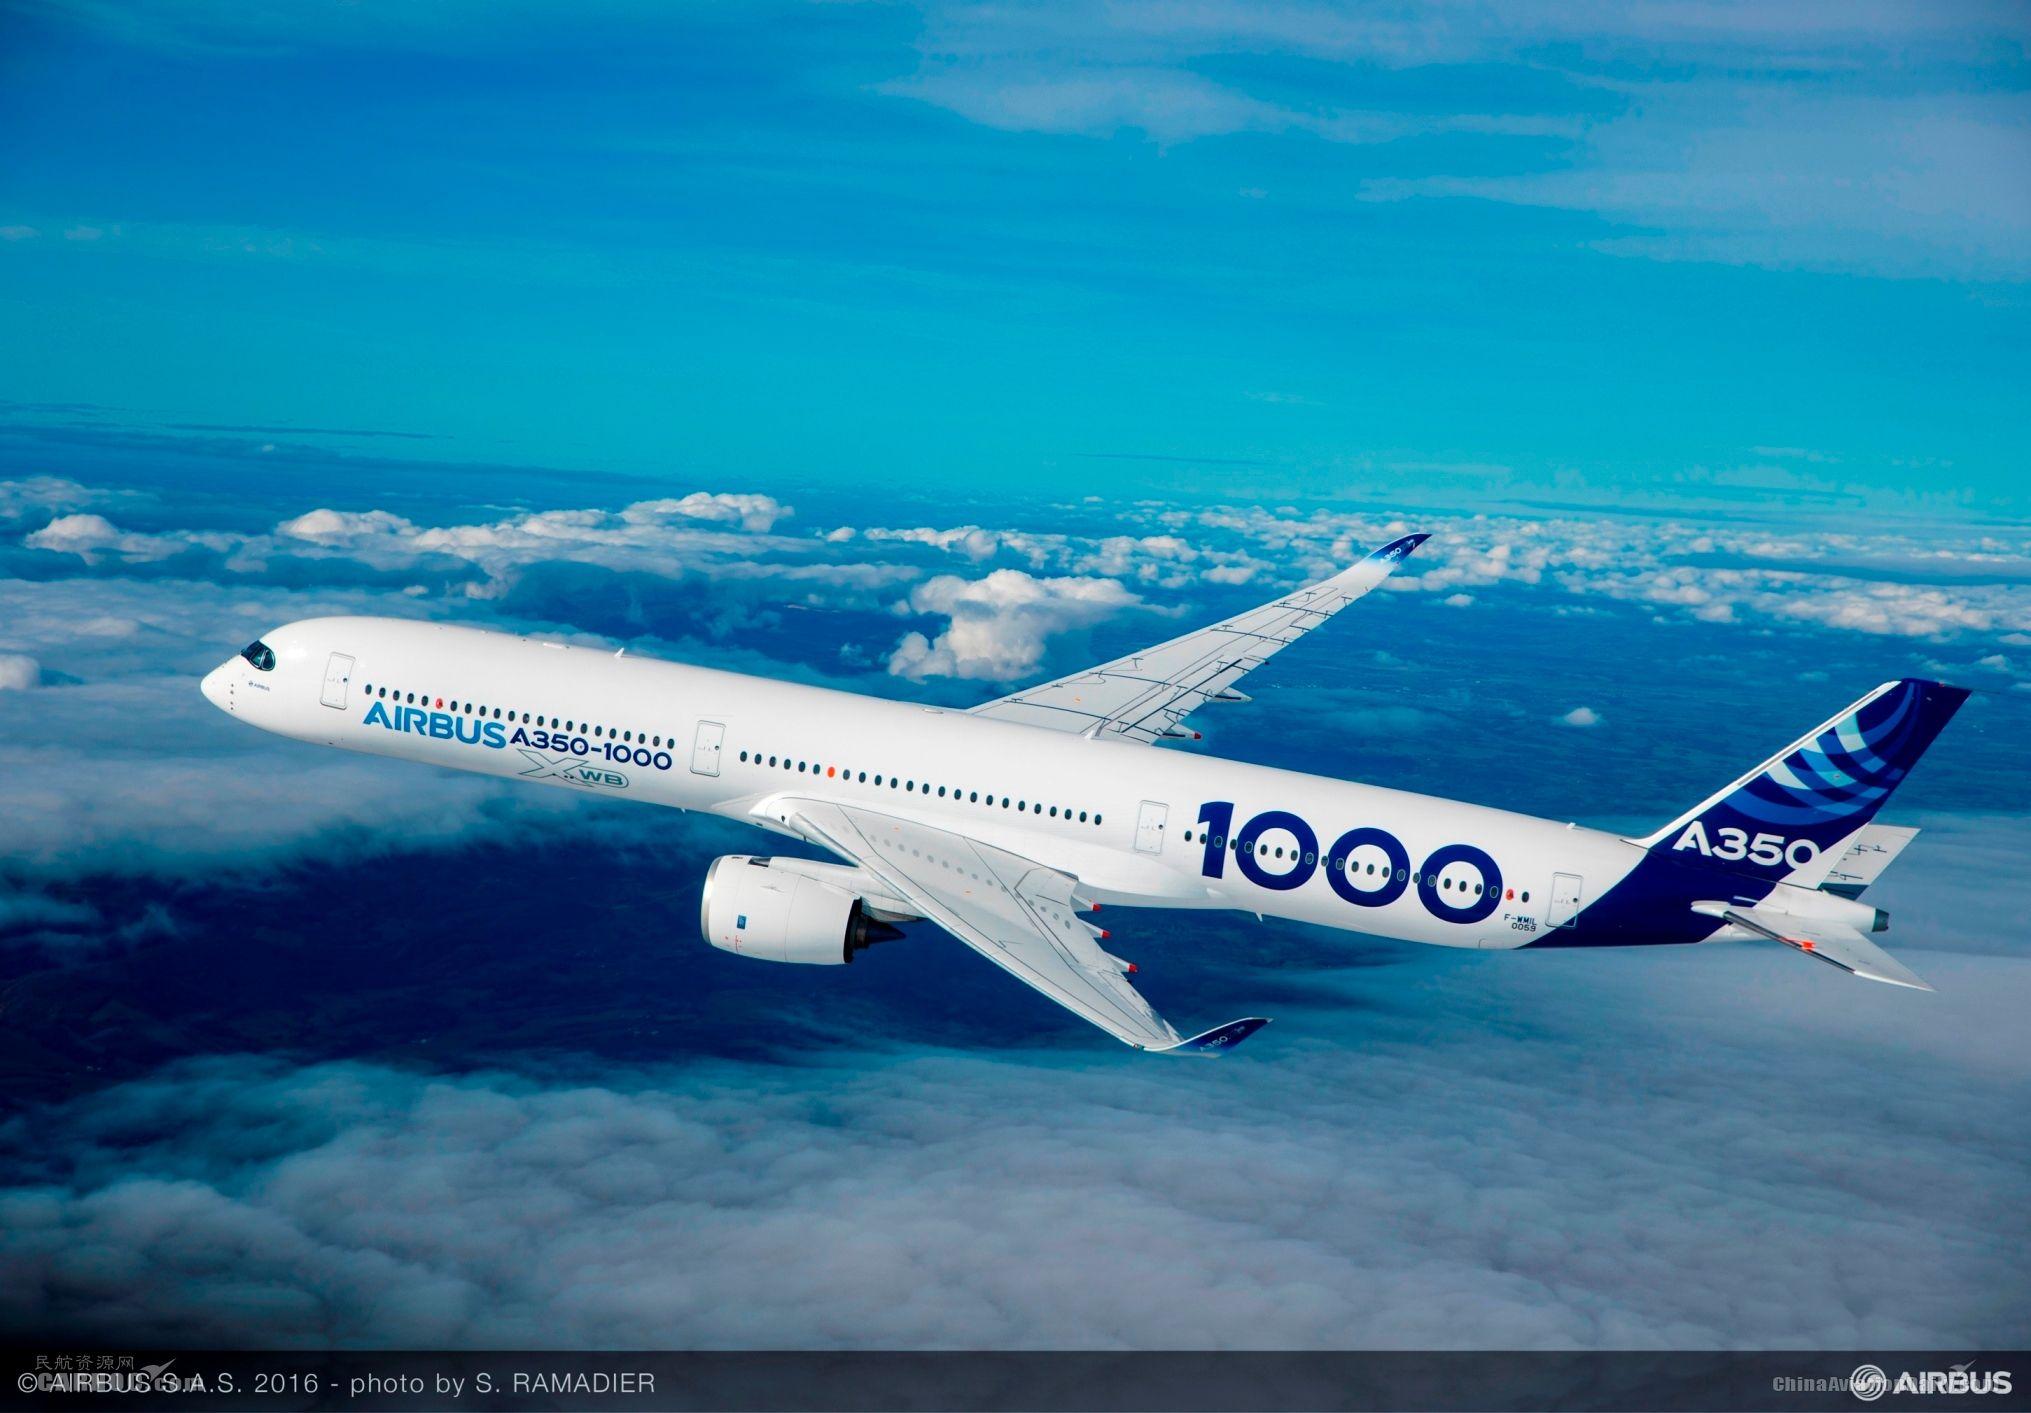 空客接近与星宇航空达成60亿美元A350订单